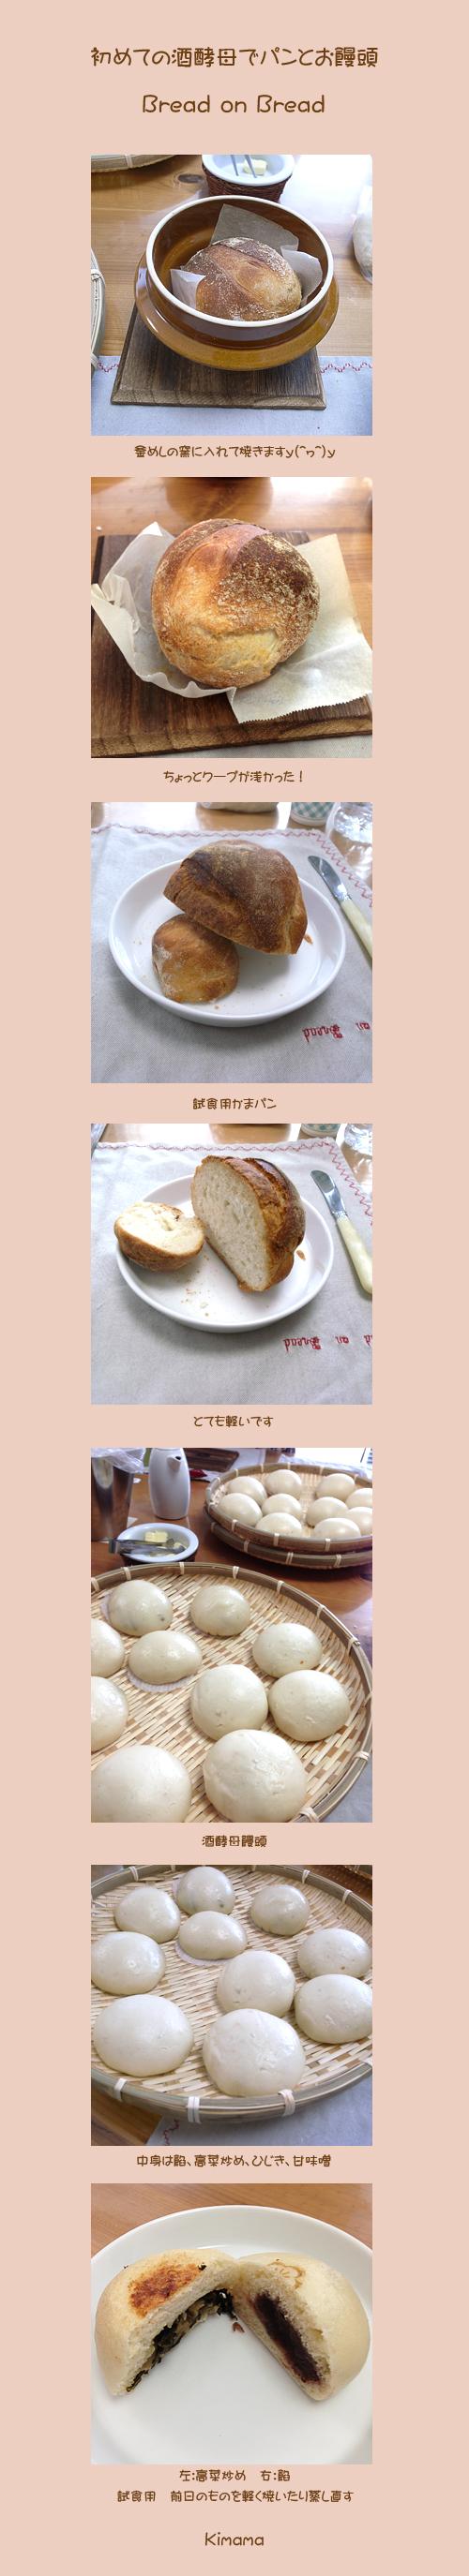 3月20日パン教室